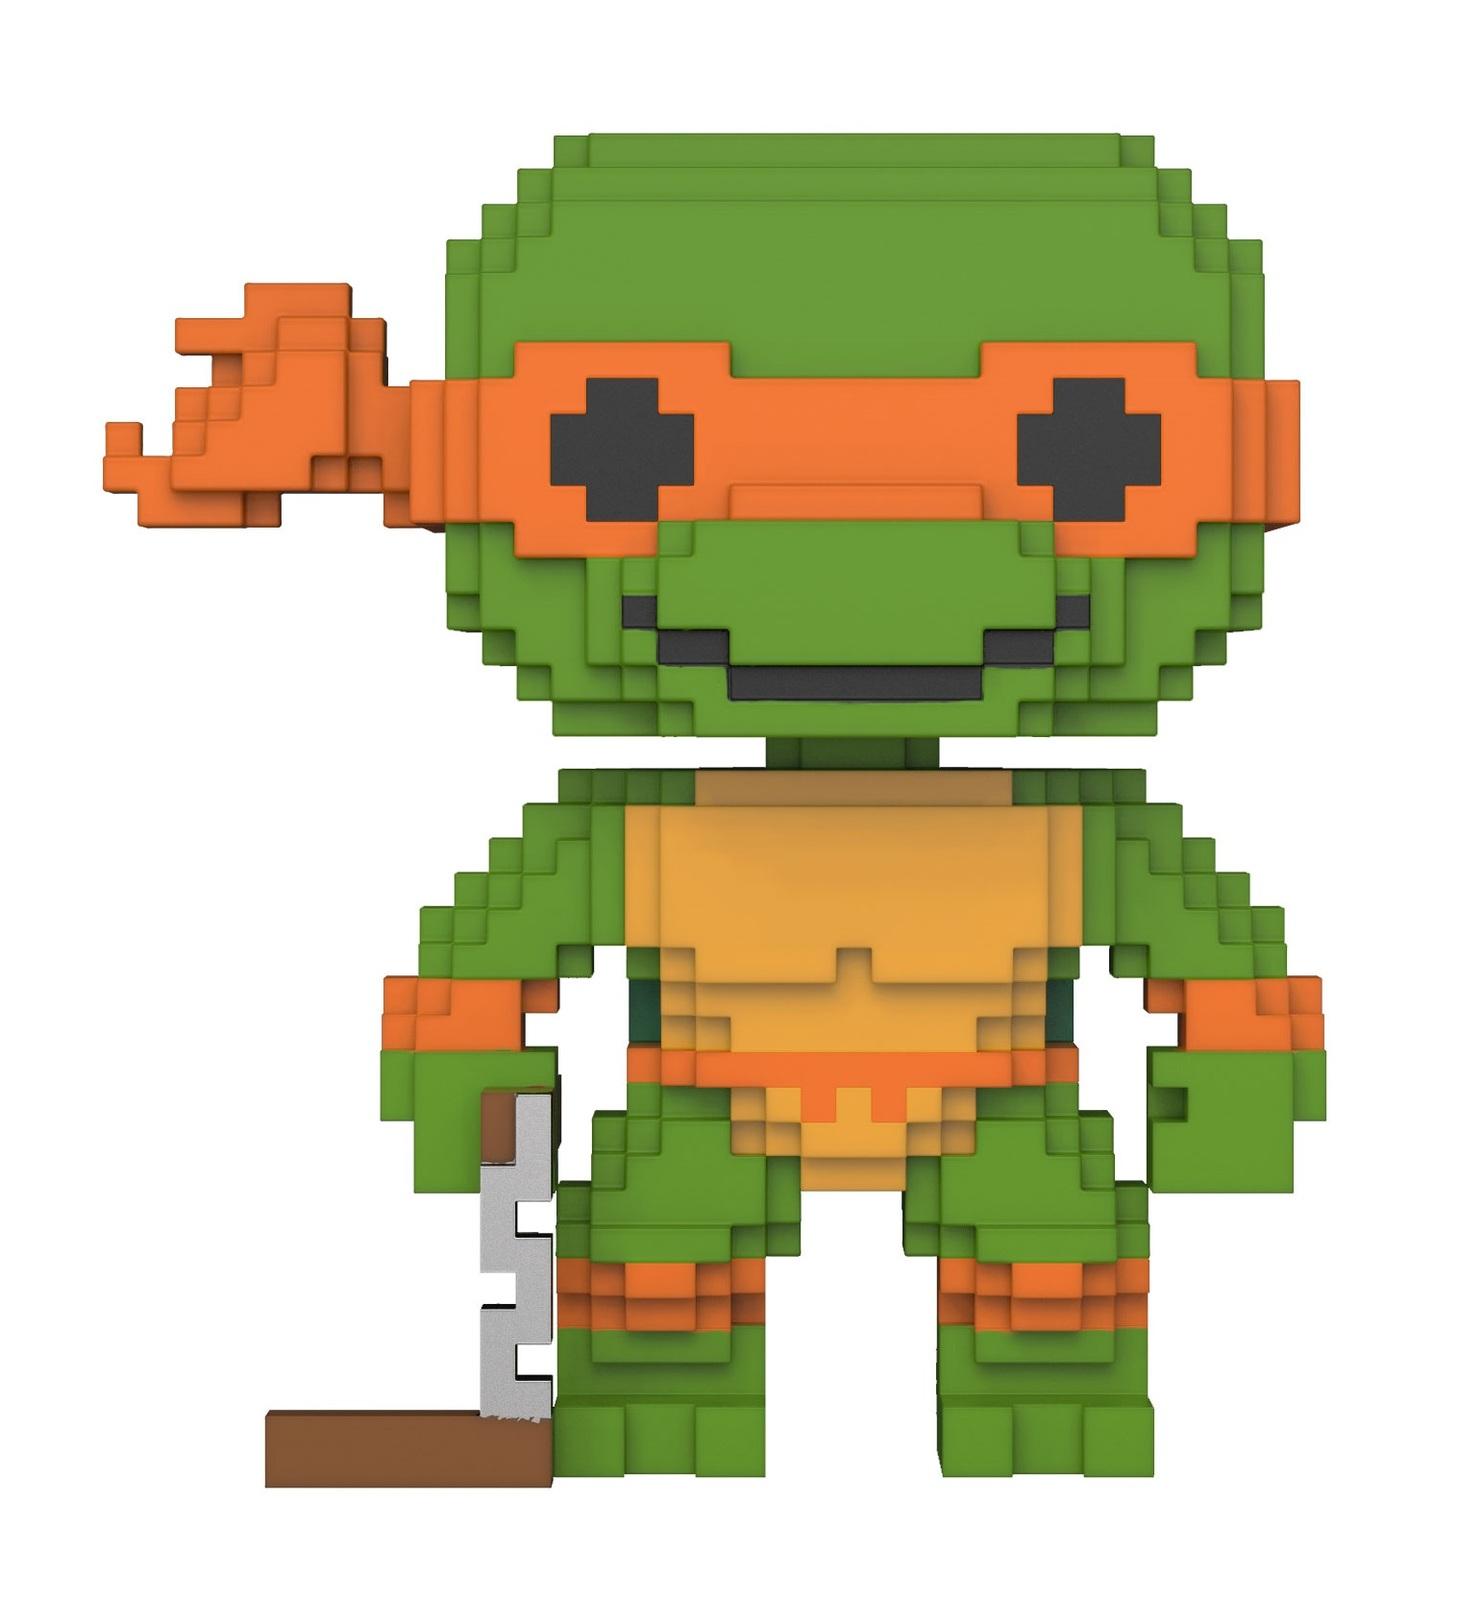 6bcde1bbdec TMNT - Michelangelo (8-Bit) Pop! Vinyl Figure image